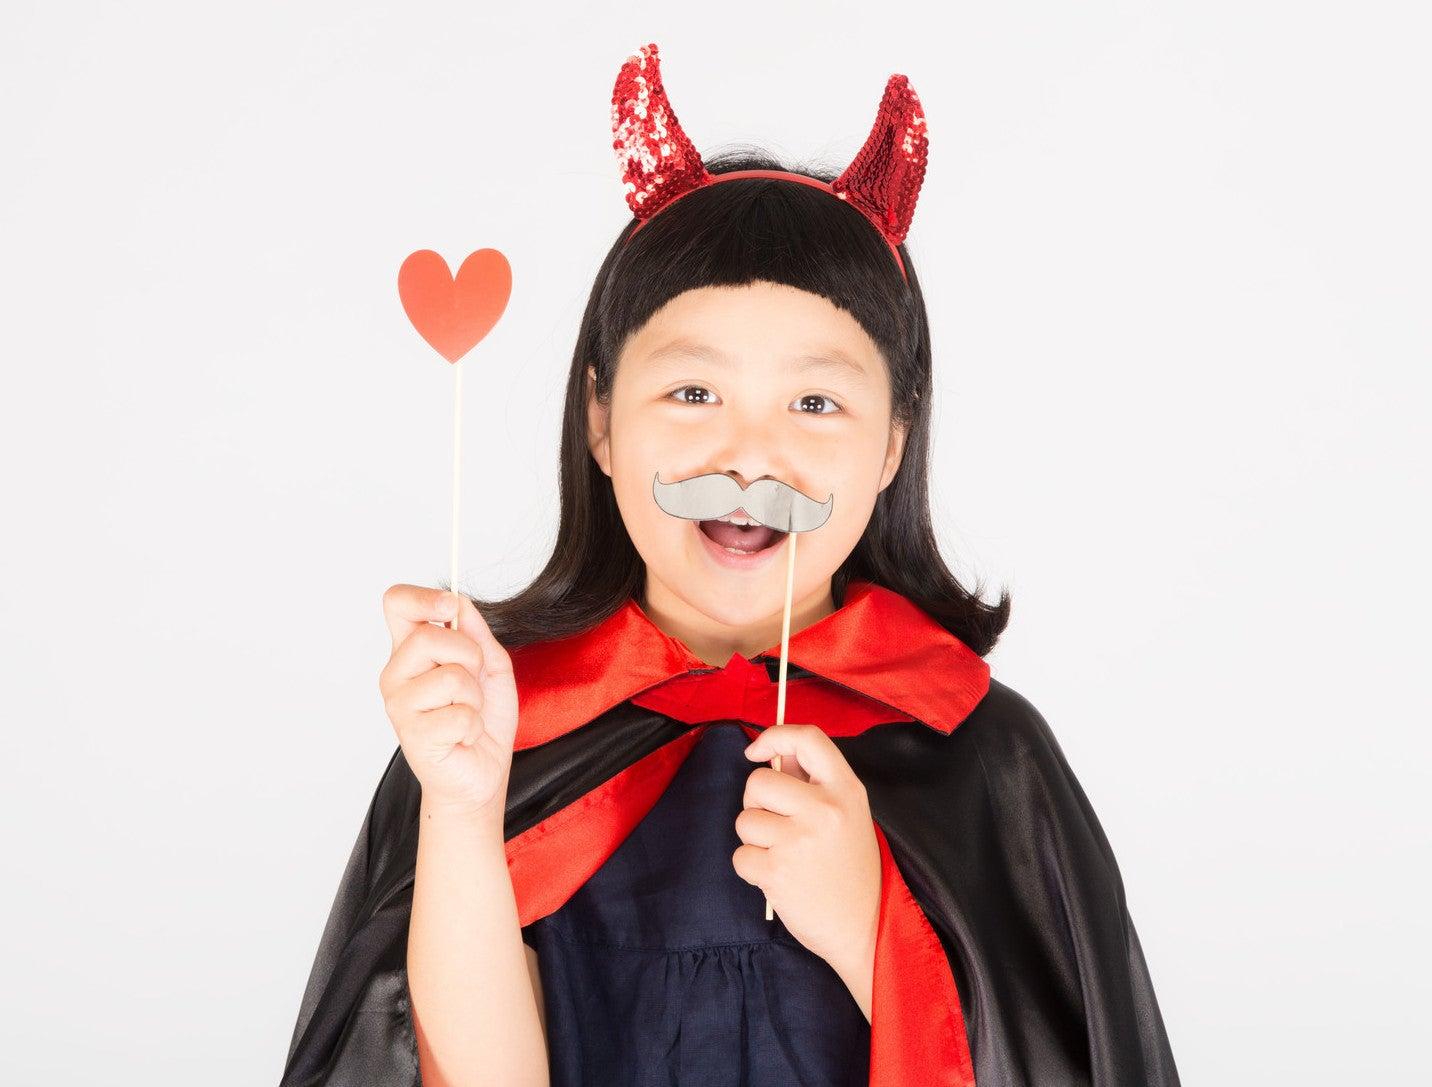 子供から大人まで楽しめるハロウィンゲーム集